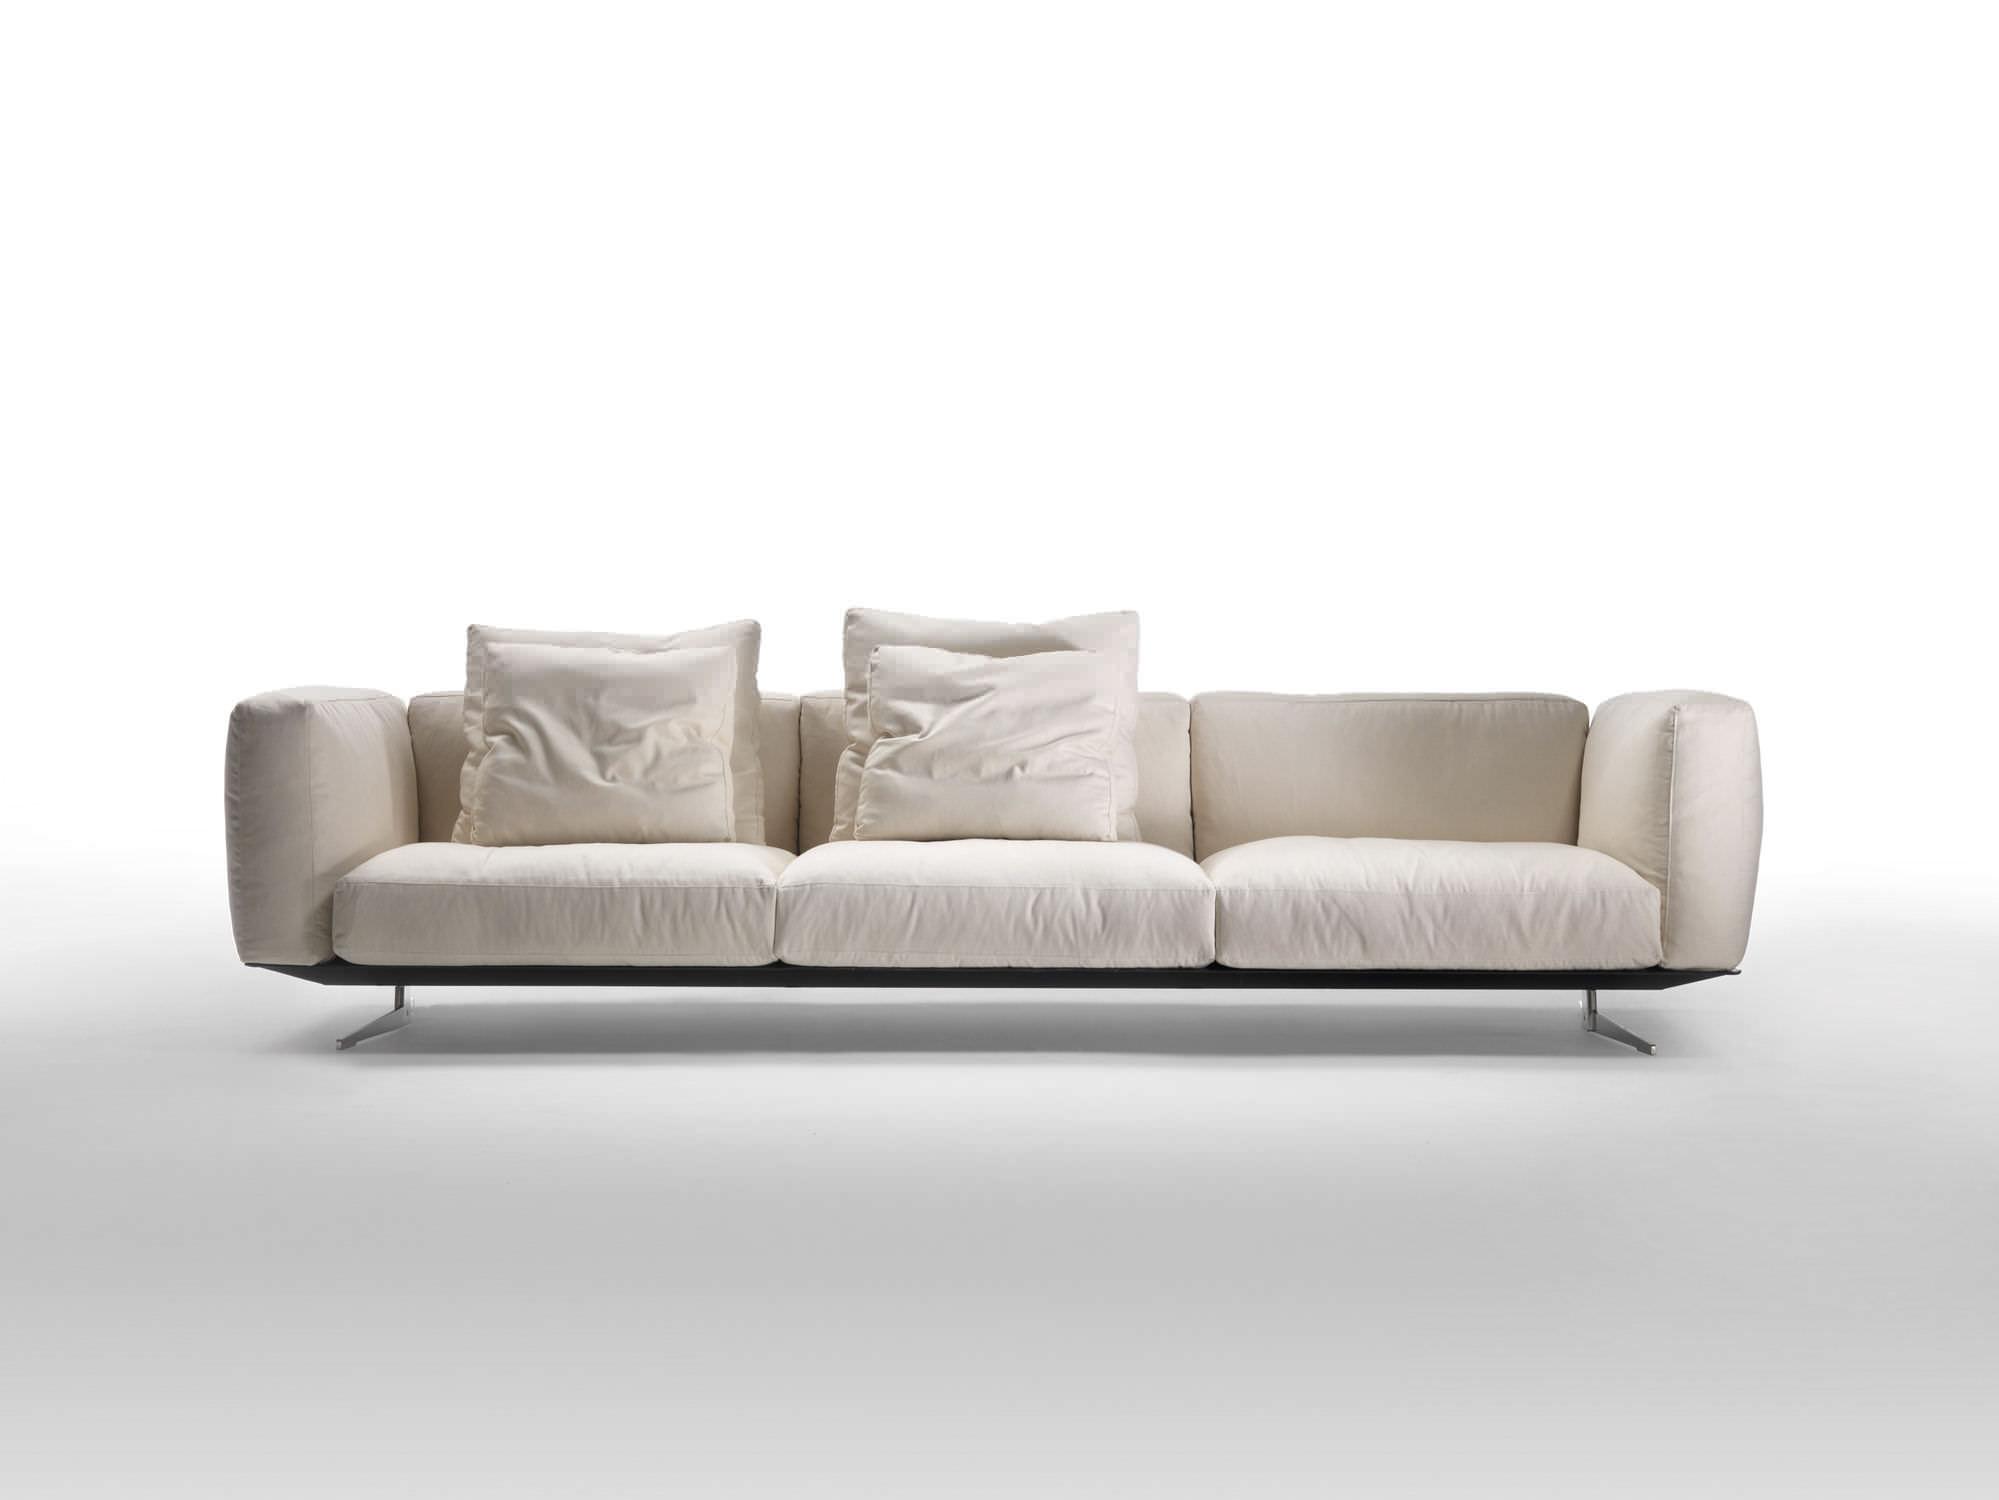 Modular sofa contemporary leather fabric SOFT DREAM